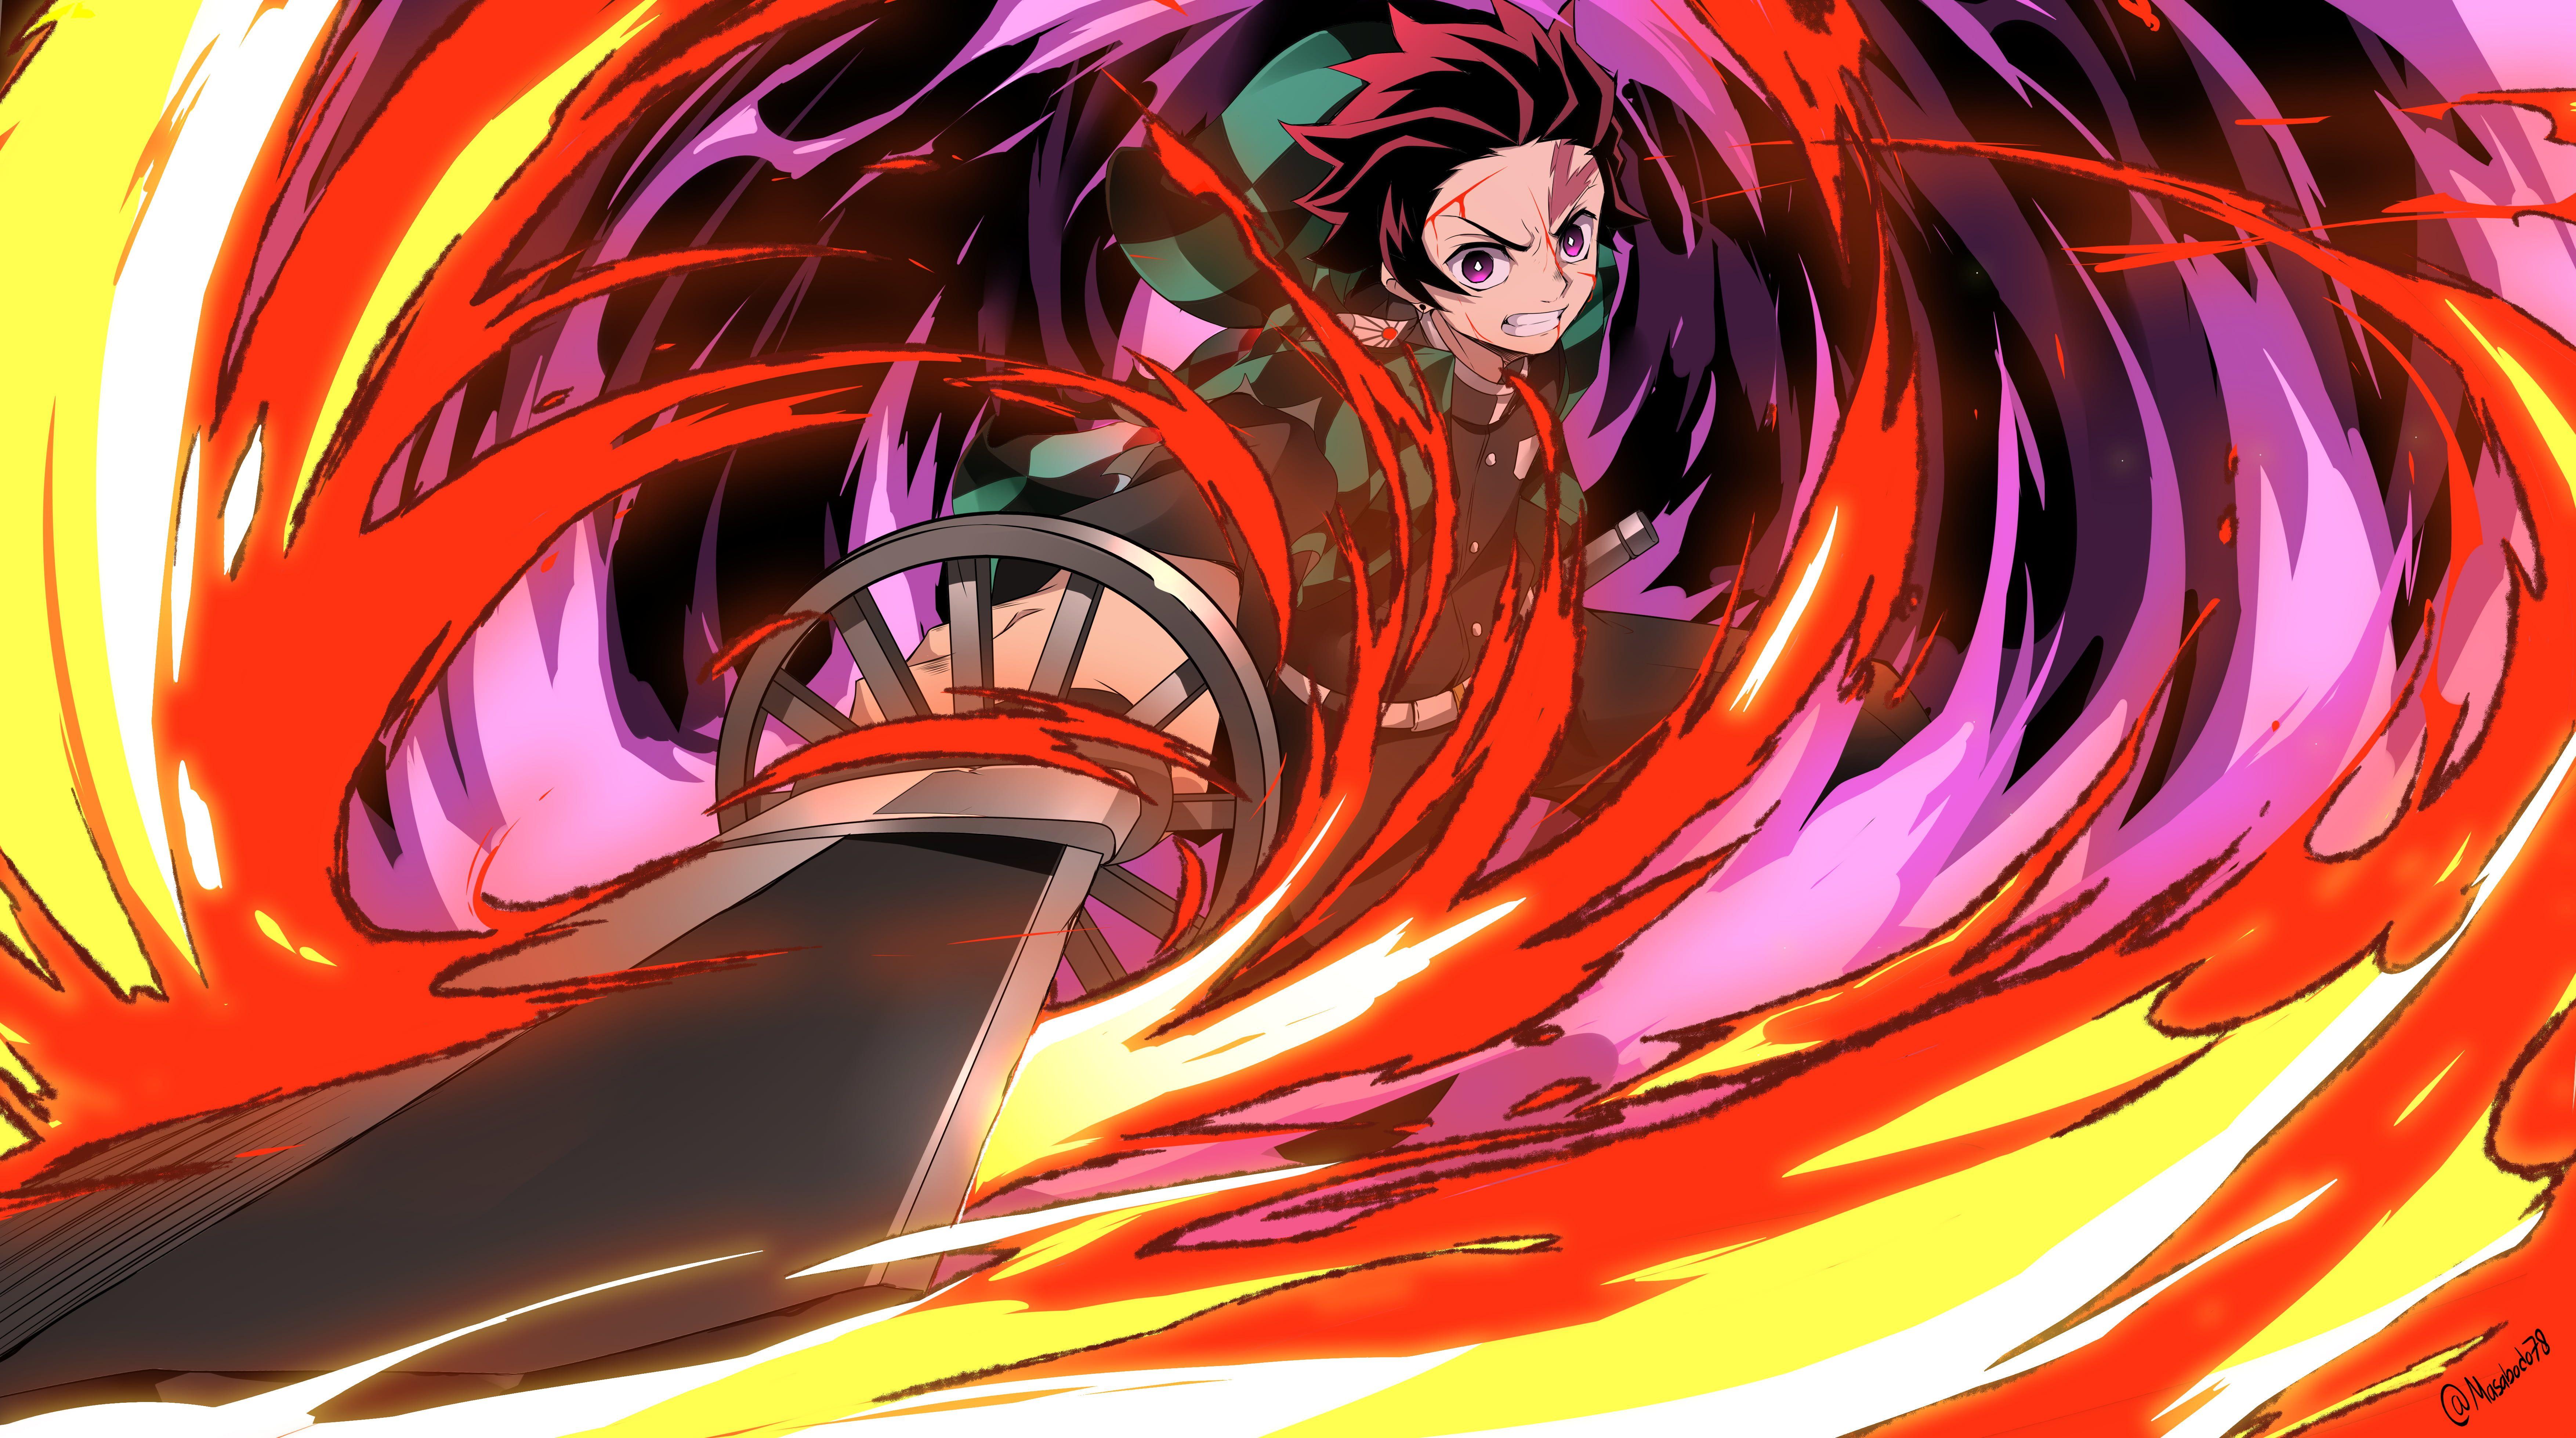 Anime Anime Girls Digital Art Artwork Portrait 2d 5k Wallpaper Hdwallpaper Desktop In 2020 Anime Demon Slayer Anime Anime